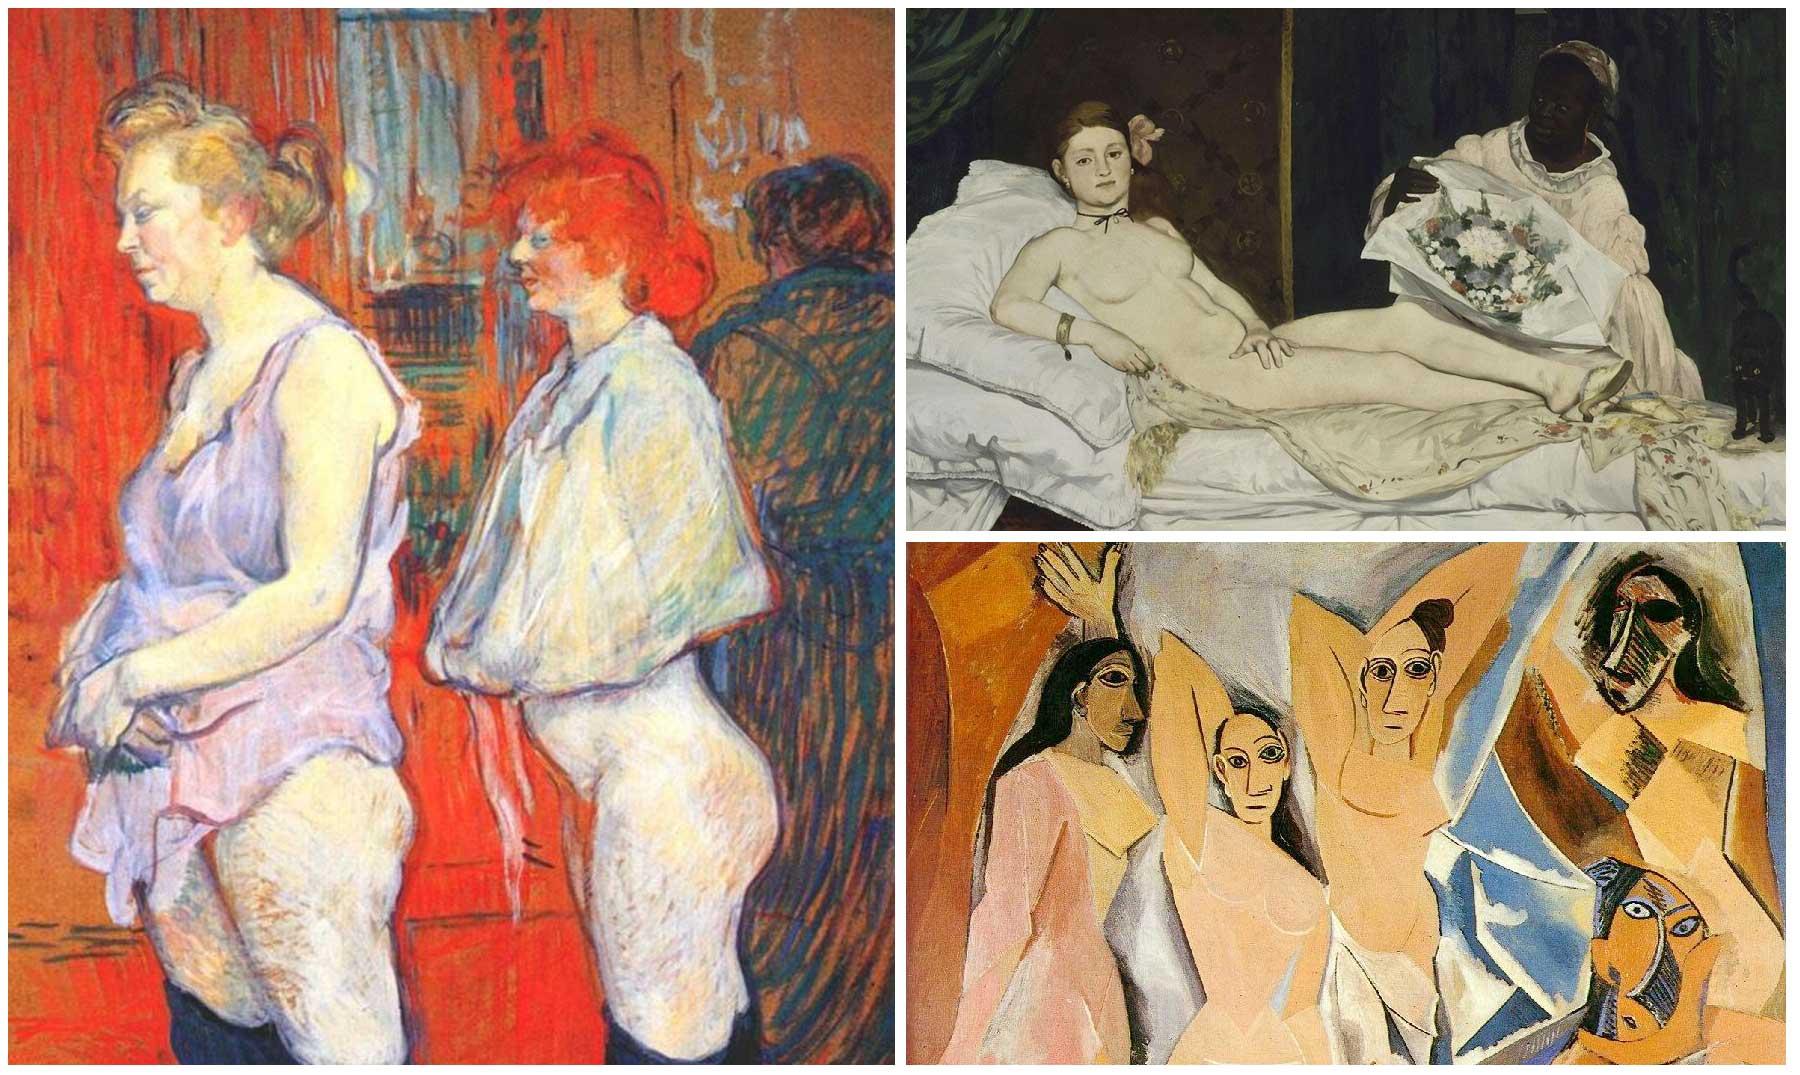 prostitutas en la pintura necesidades de las prostitutas